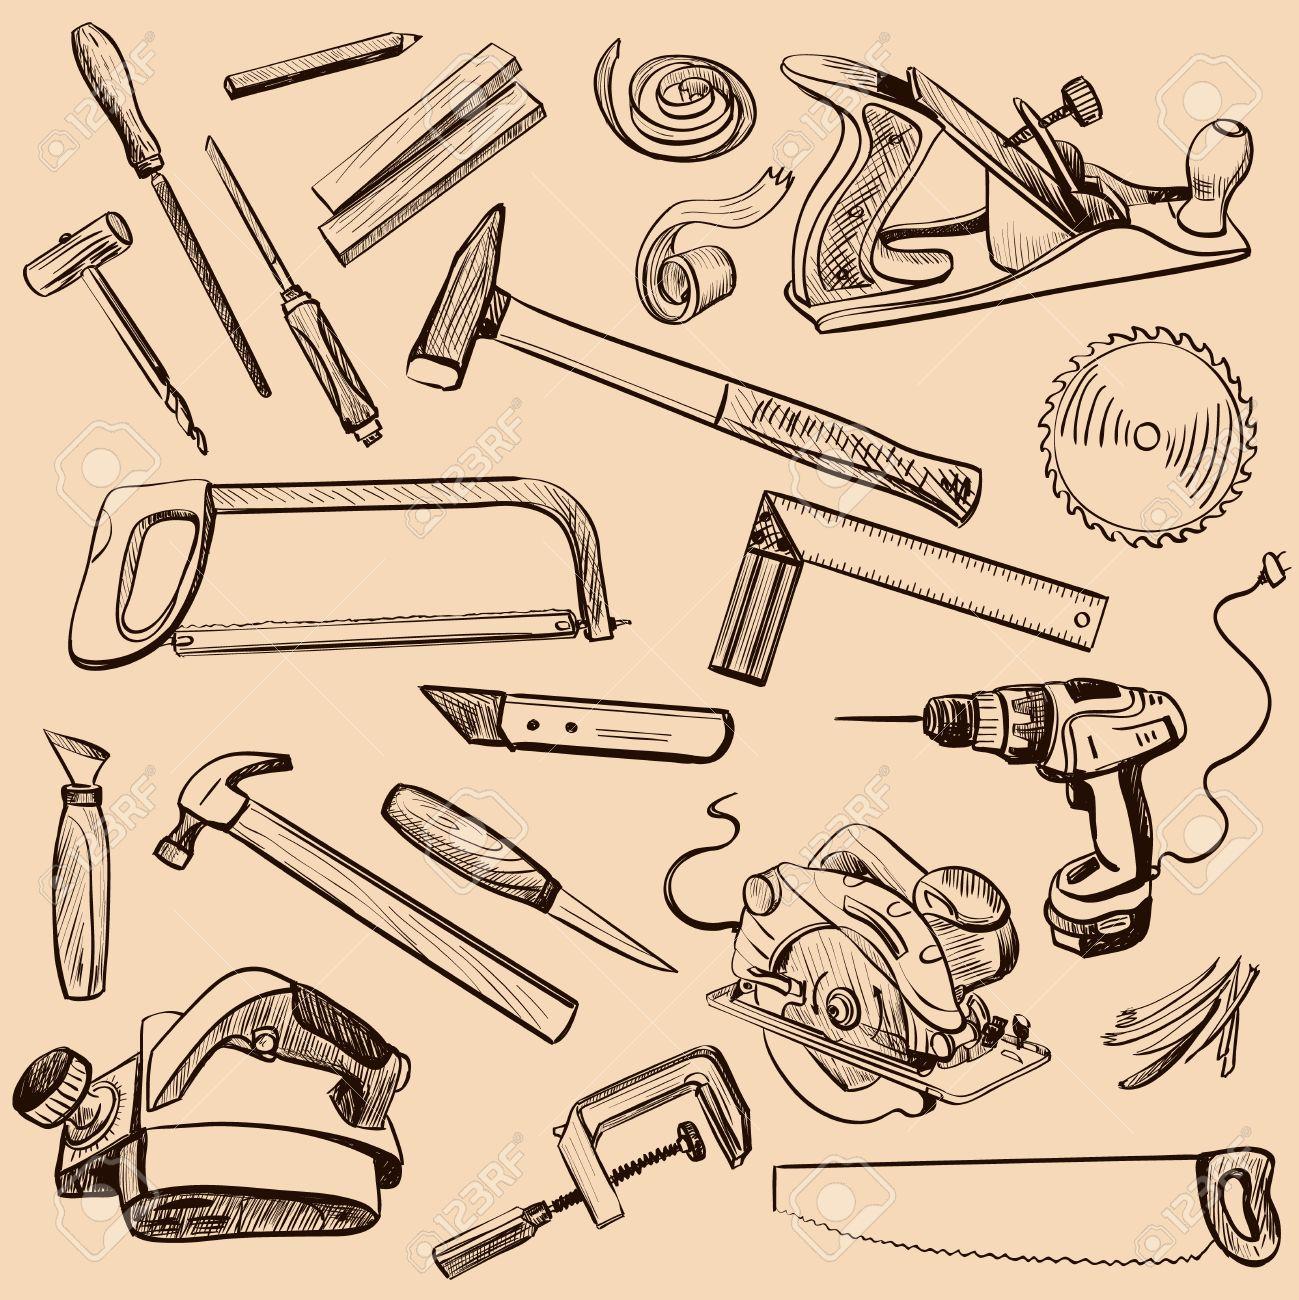 Tischlerei werkzeug  Tischlerei-Icons Gesetzt. Carpenter Zeichen Bei Der Arbeit ...